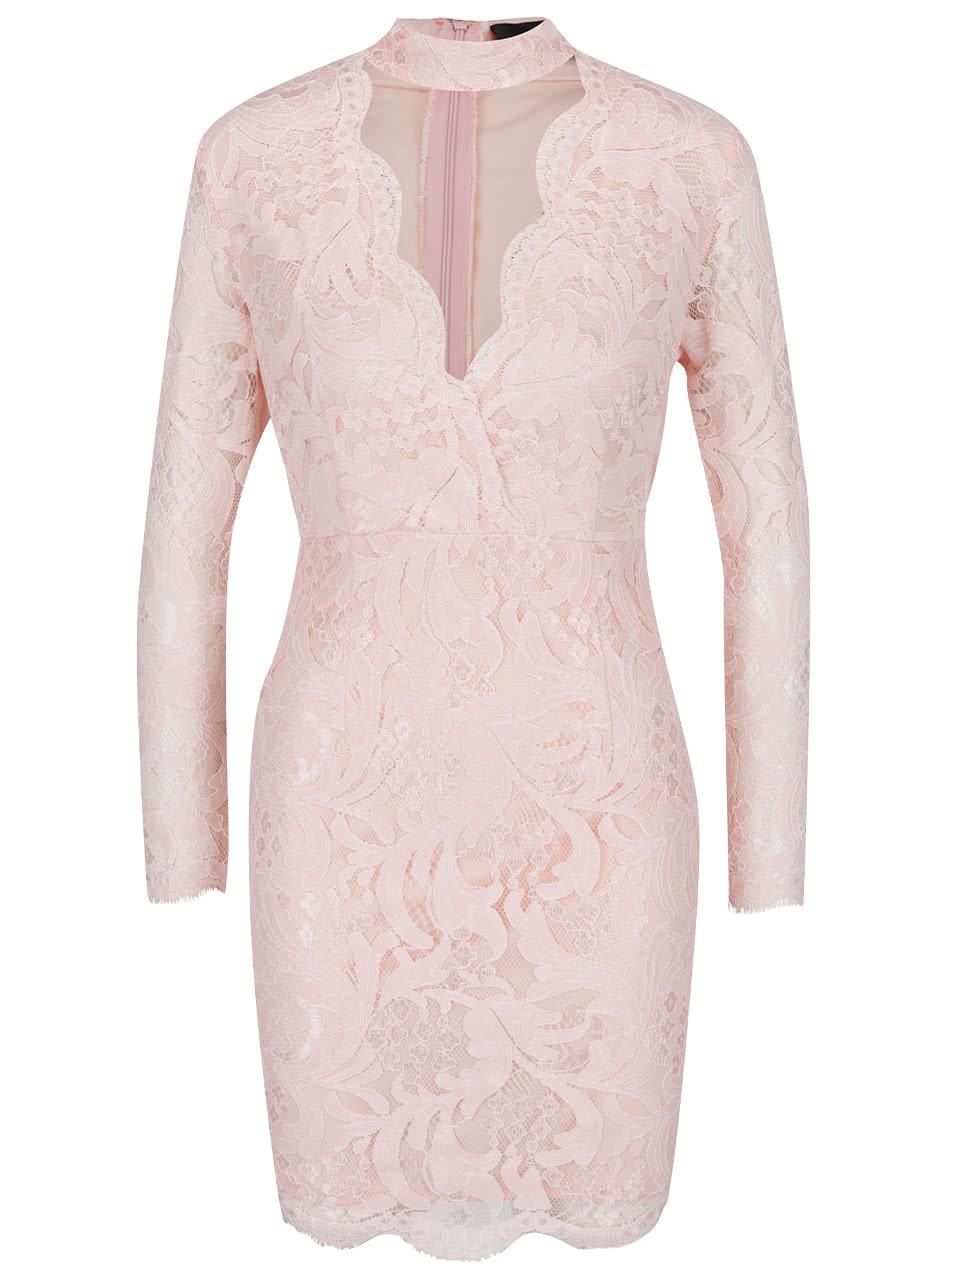 32a8b1136143 Ružové čipkované šaty s prestrihom v dekolte AX Paris ...